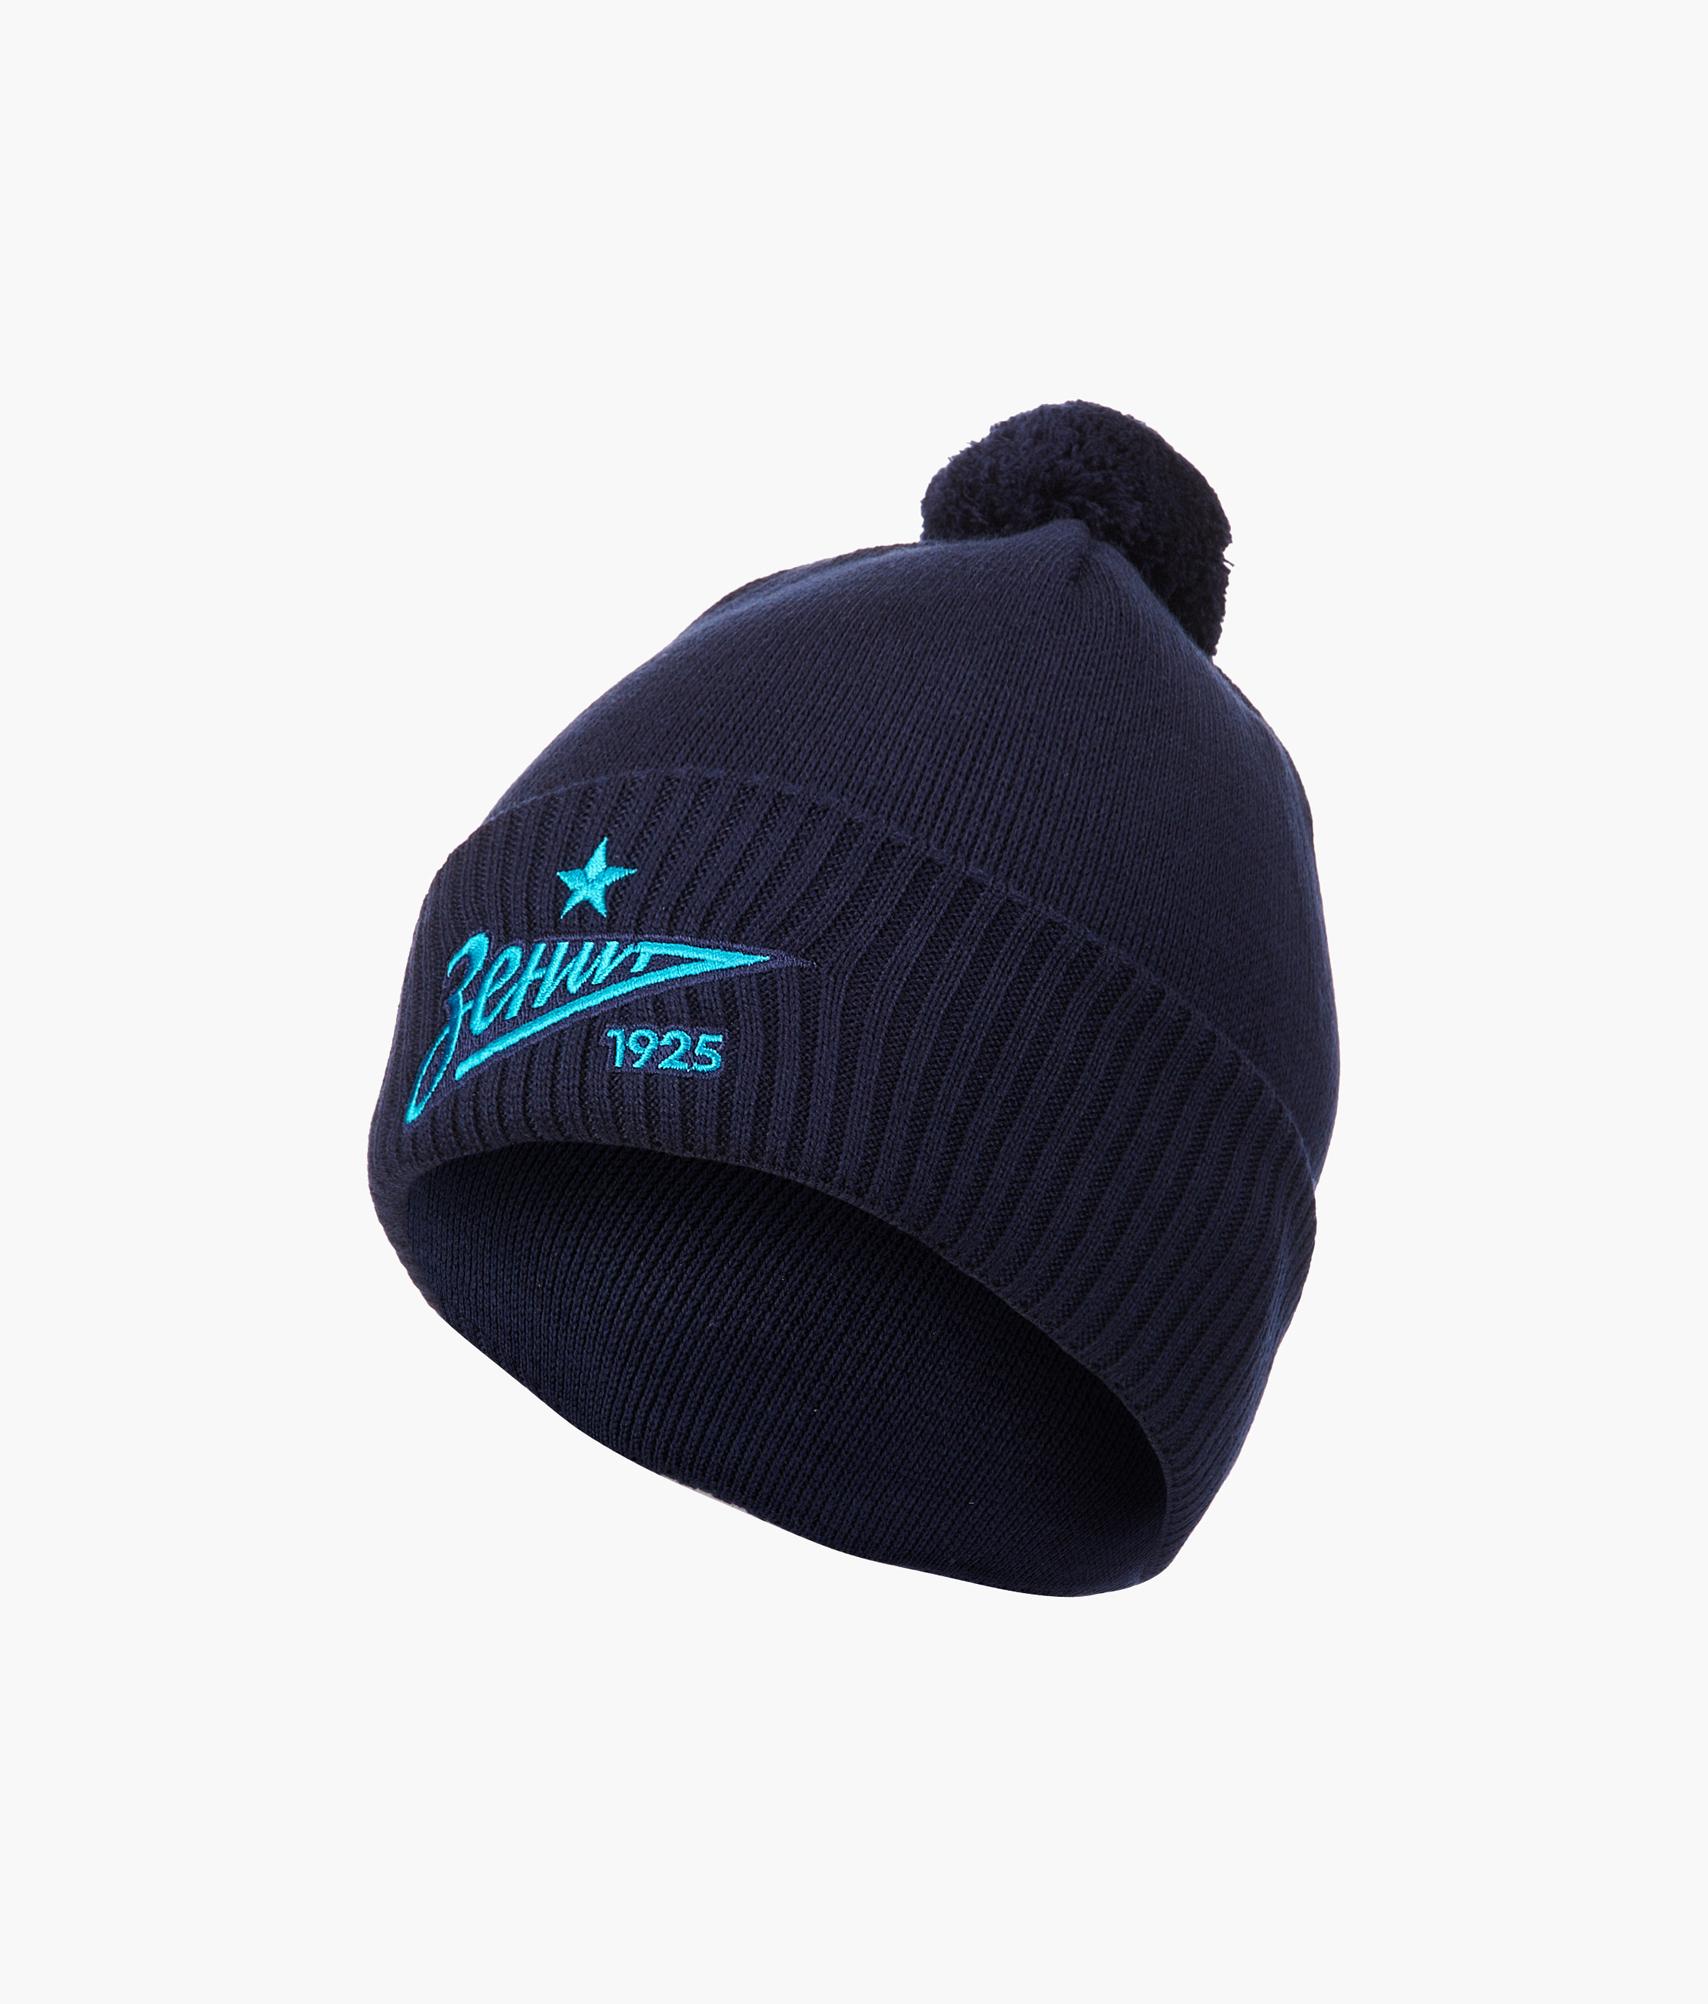 Фото - Шапка Зенит Цвет-Темно-Синий шапка мужская зенит